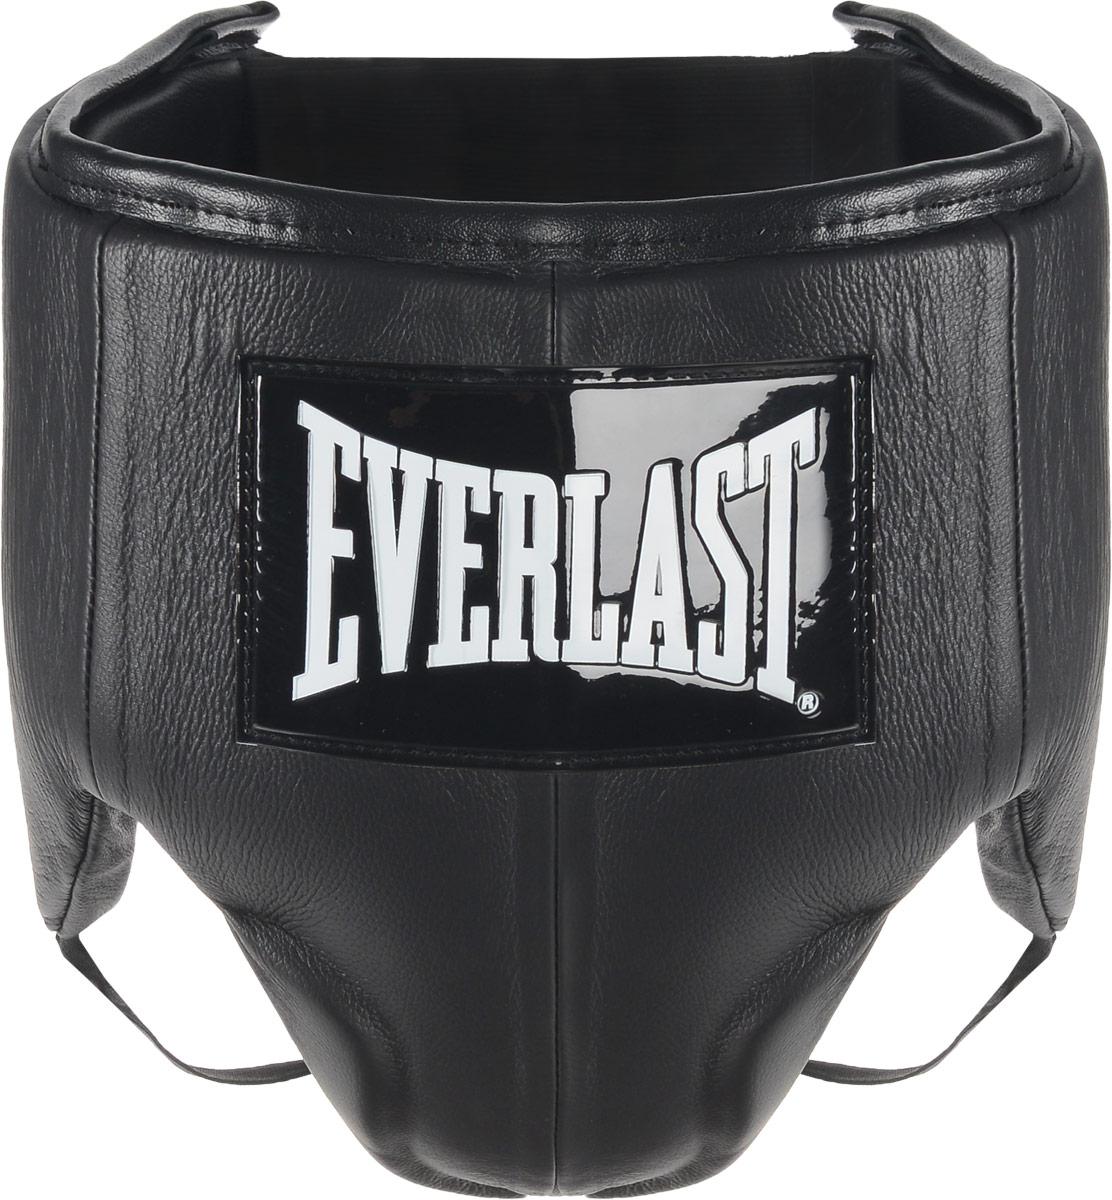 Защита паха мужская Everlast Velcro Top Pro, цвет: черный, белый. Размер XLAIRWHEEL M3-162.8Everlast Velcro Top Pro это удобный обтягивающий бандаж, идеально подходящий как для тренировочных спаррингов, так и для боя на ринге. Бандаж изготовлен из высококачественной натуральной кожи, а подкладка набита пенным наполнителем высокой плотности, благодаря чему достигается превосходная амортизация ударов. Усовершенствованный облегченный дизайн обеспечивает максимальную подвижность и комфорт, в то же время гарантируя безопасность и полную защиту паха и тазовой области. Удобные застежки на липучке позволят подогнать защиту под ваш размер и плотно зафиксировать ее на теле. Максимальный обхват: 112 см.Минимальный обхват: 101 см.